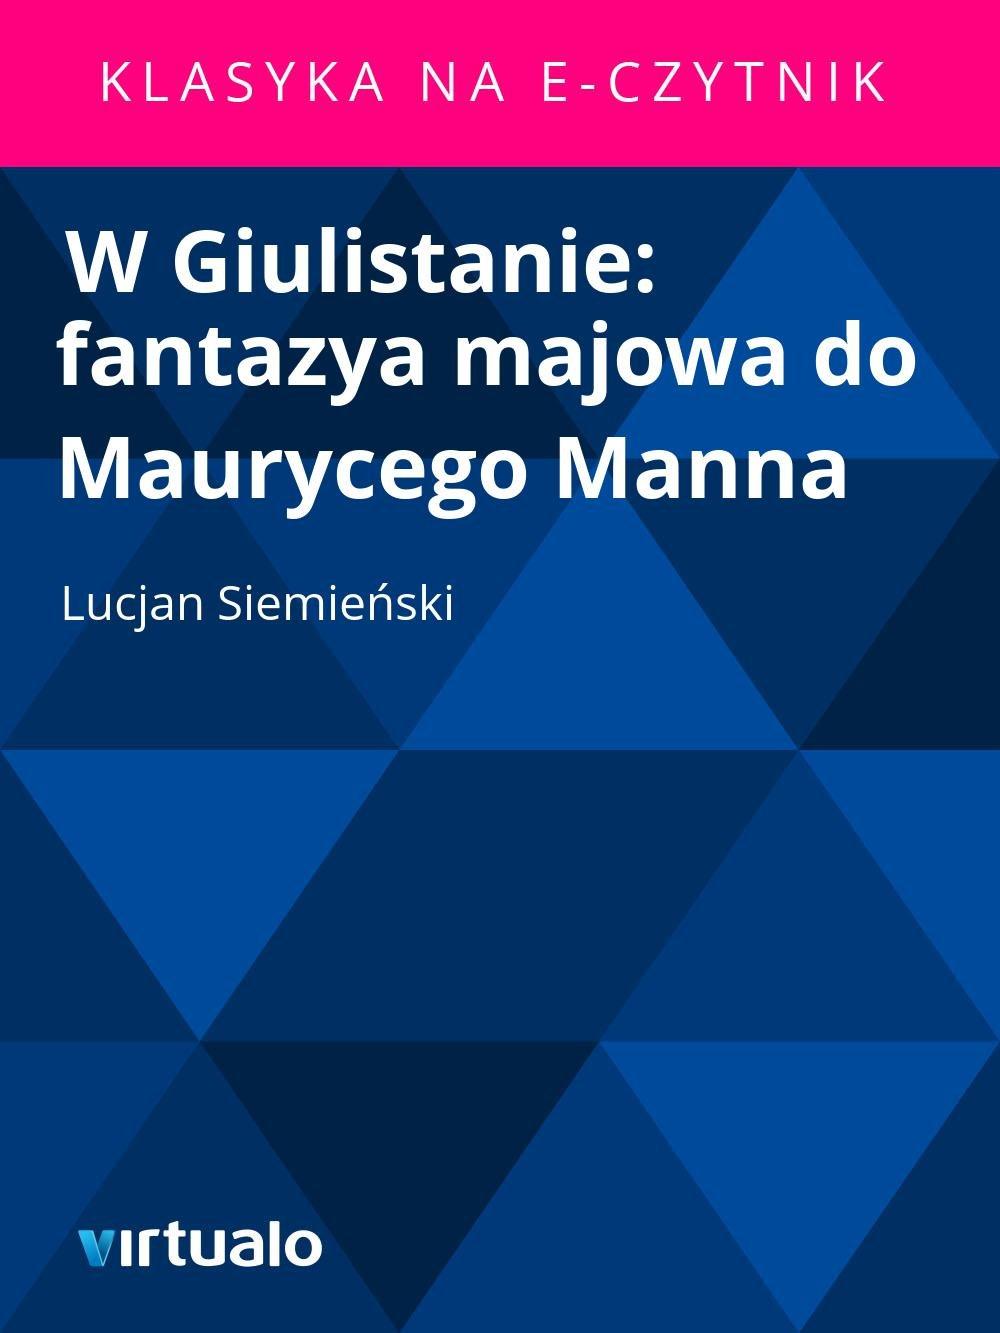 W Giulistanie: fantazya majowa do Maurycego Manna - Ebook (Książka EPUB) do pobrania w formacie EPUB